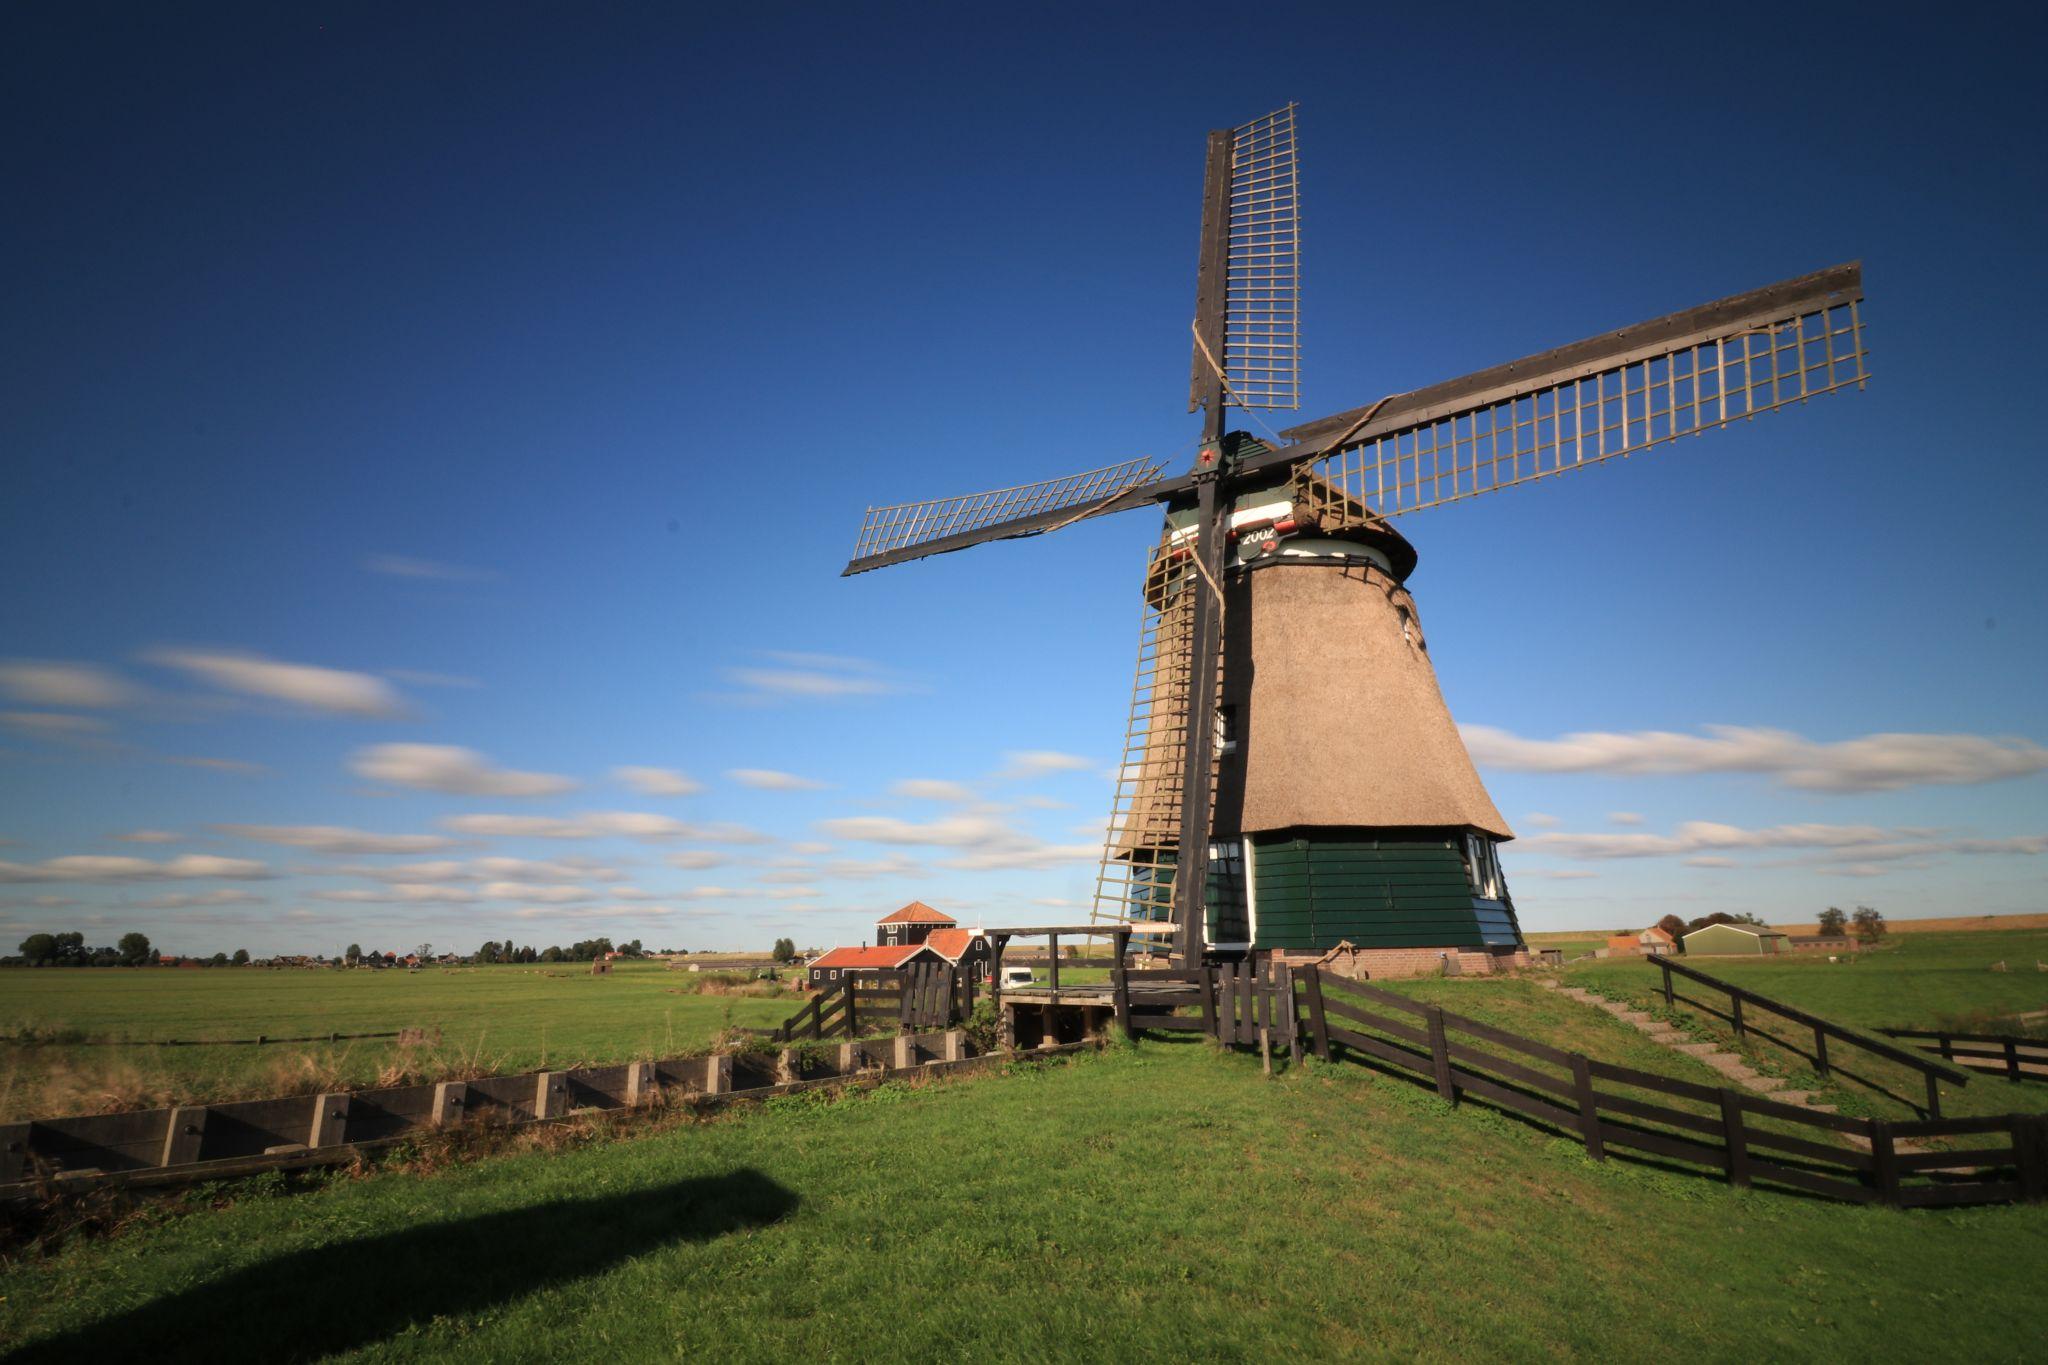 Bezoekerscentrum de Breek, Netherlands